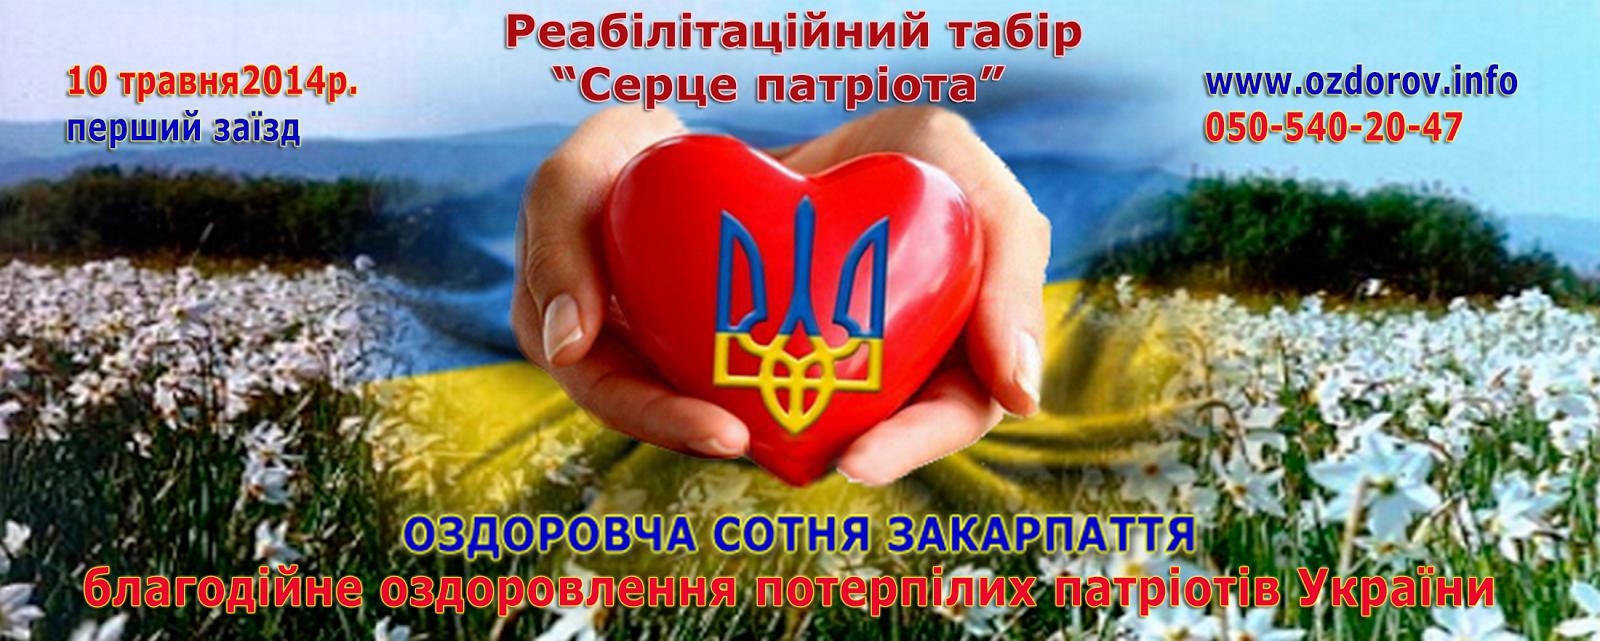 http://ozdorovymo.blogspot.com/p/blog-page_3287.html